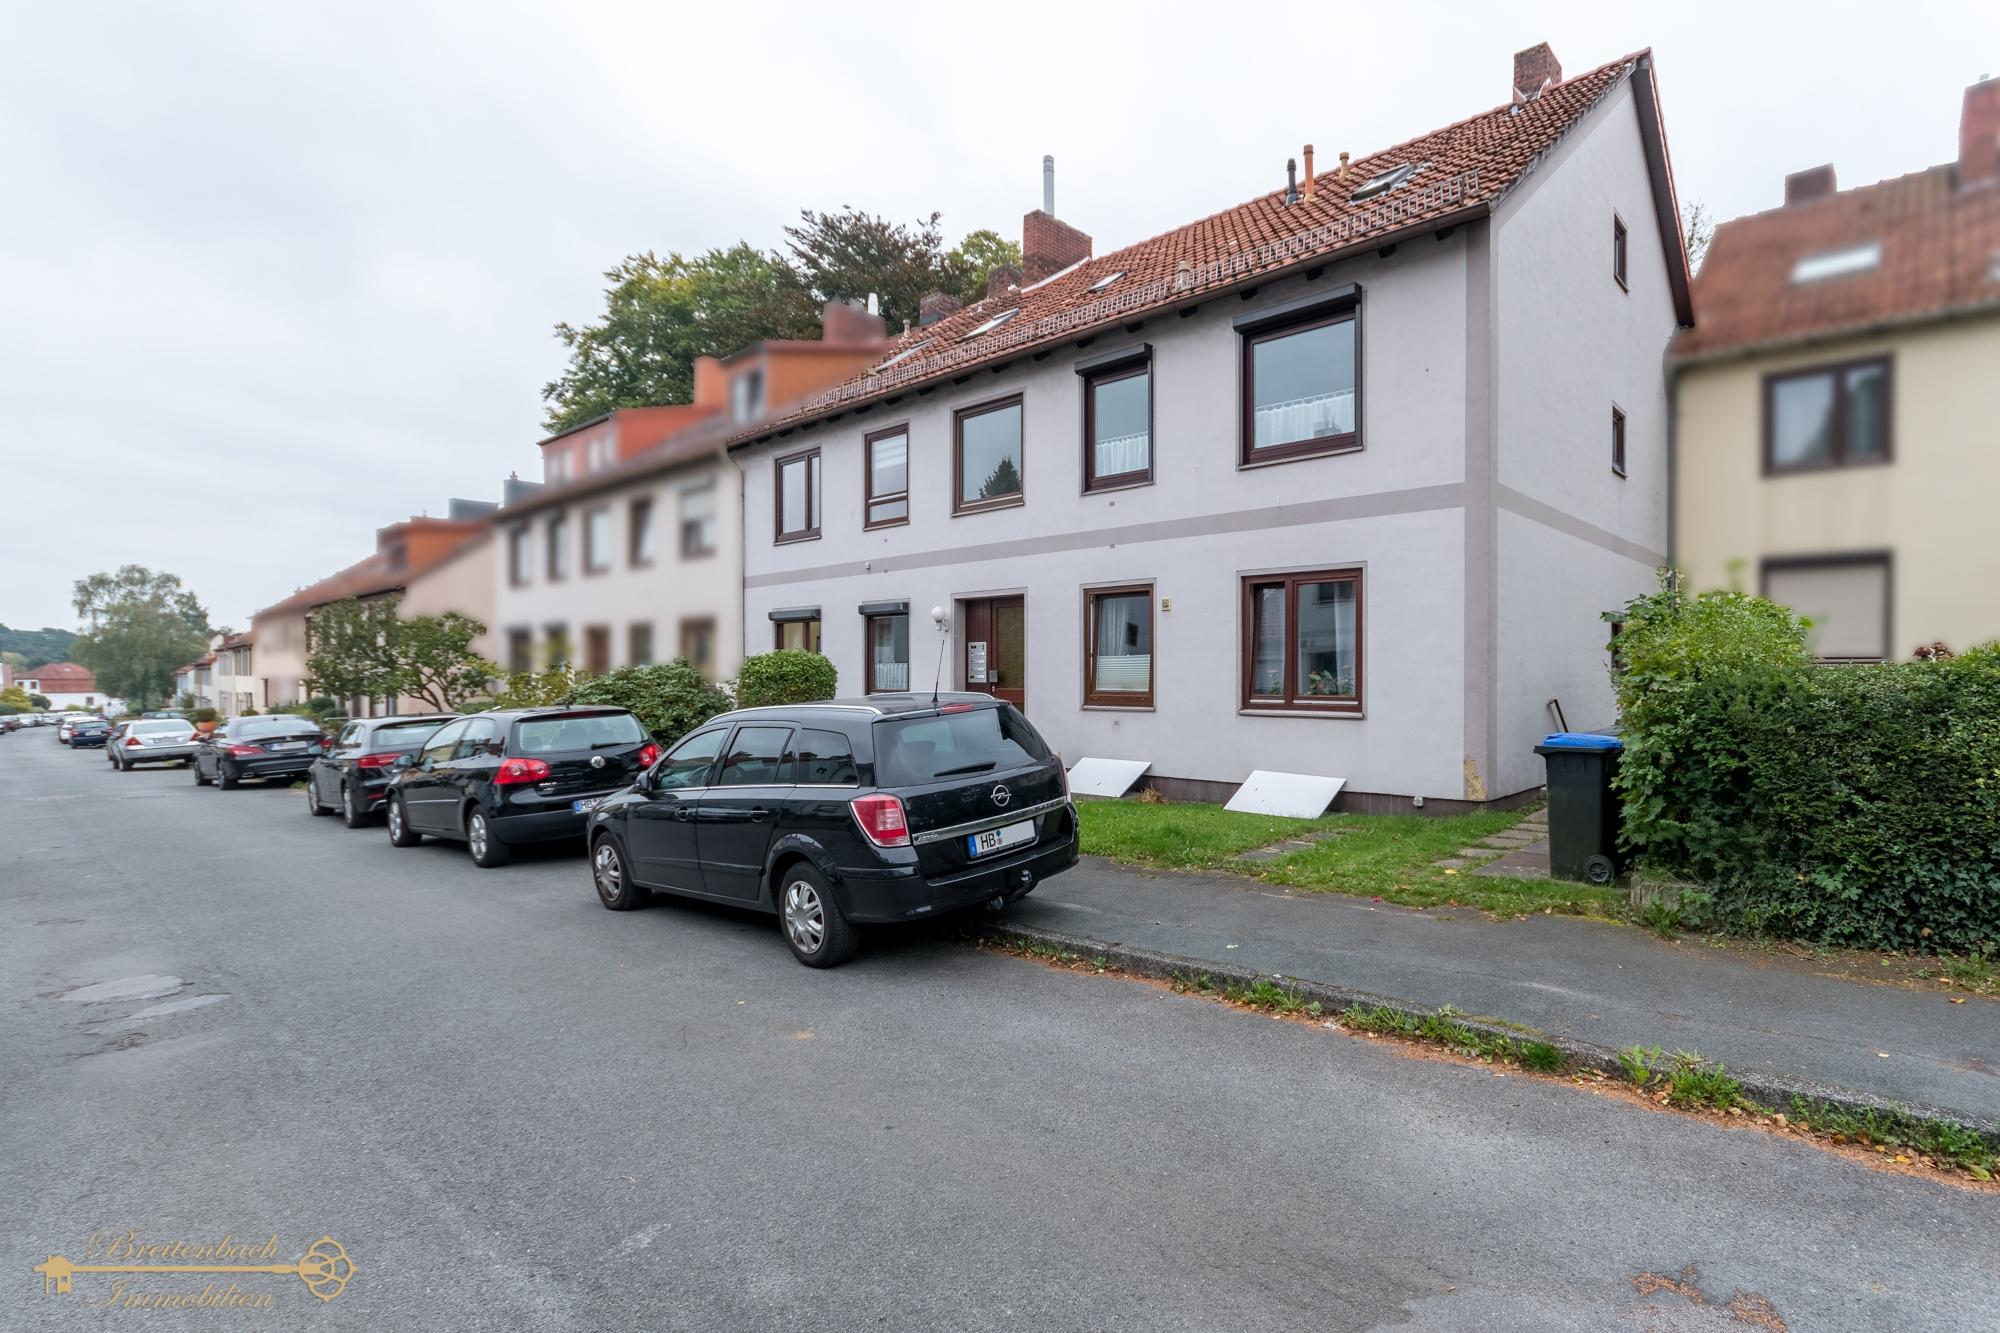 2020-10-03-Breitenbach-Immobilien-15